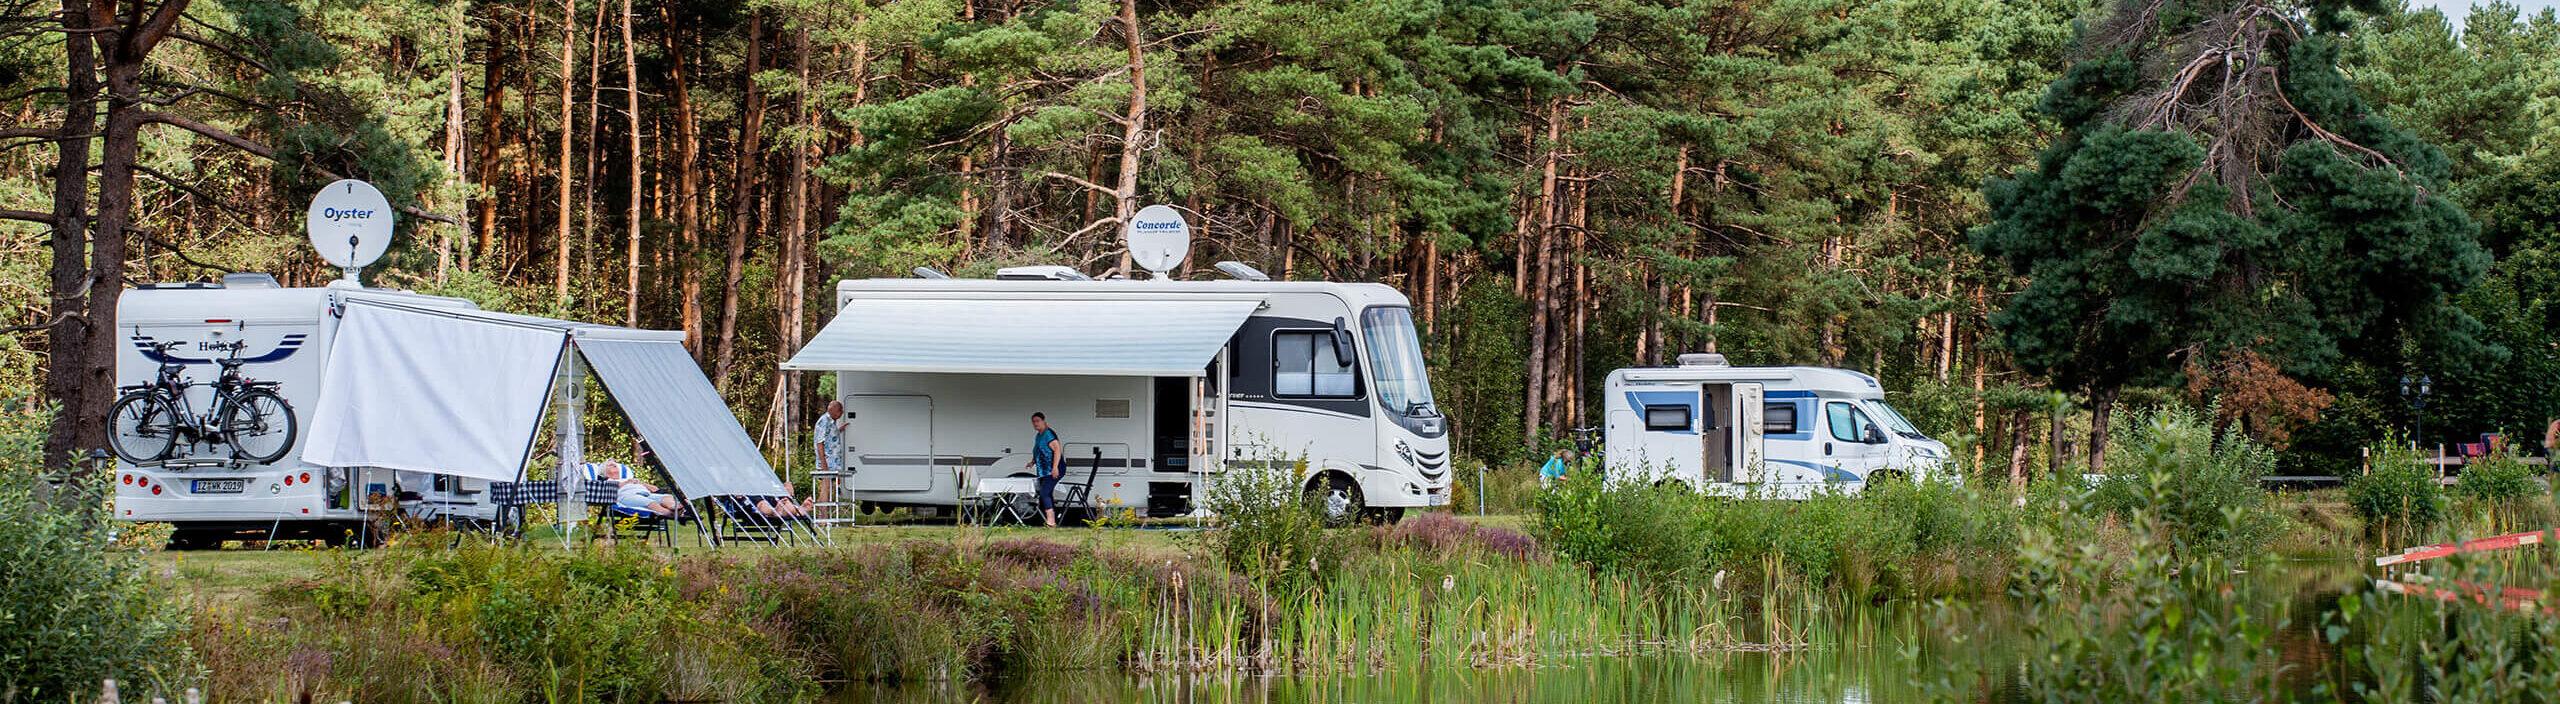 Naturcamping Lüneburger Heide – Naturcamping